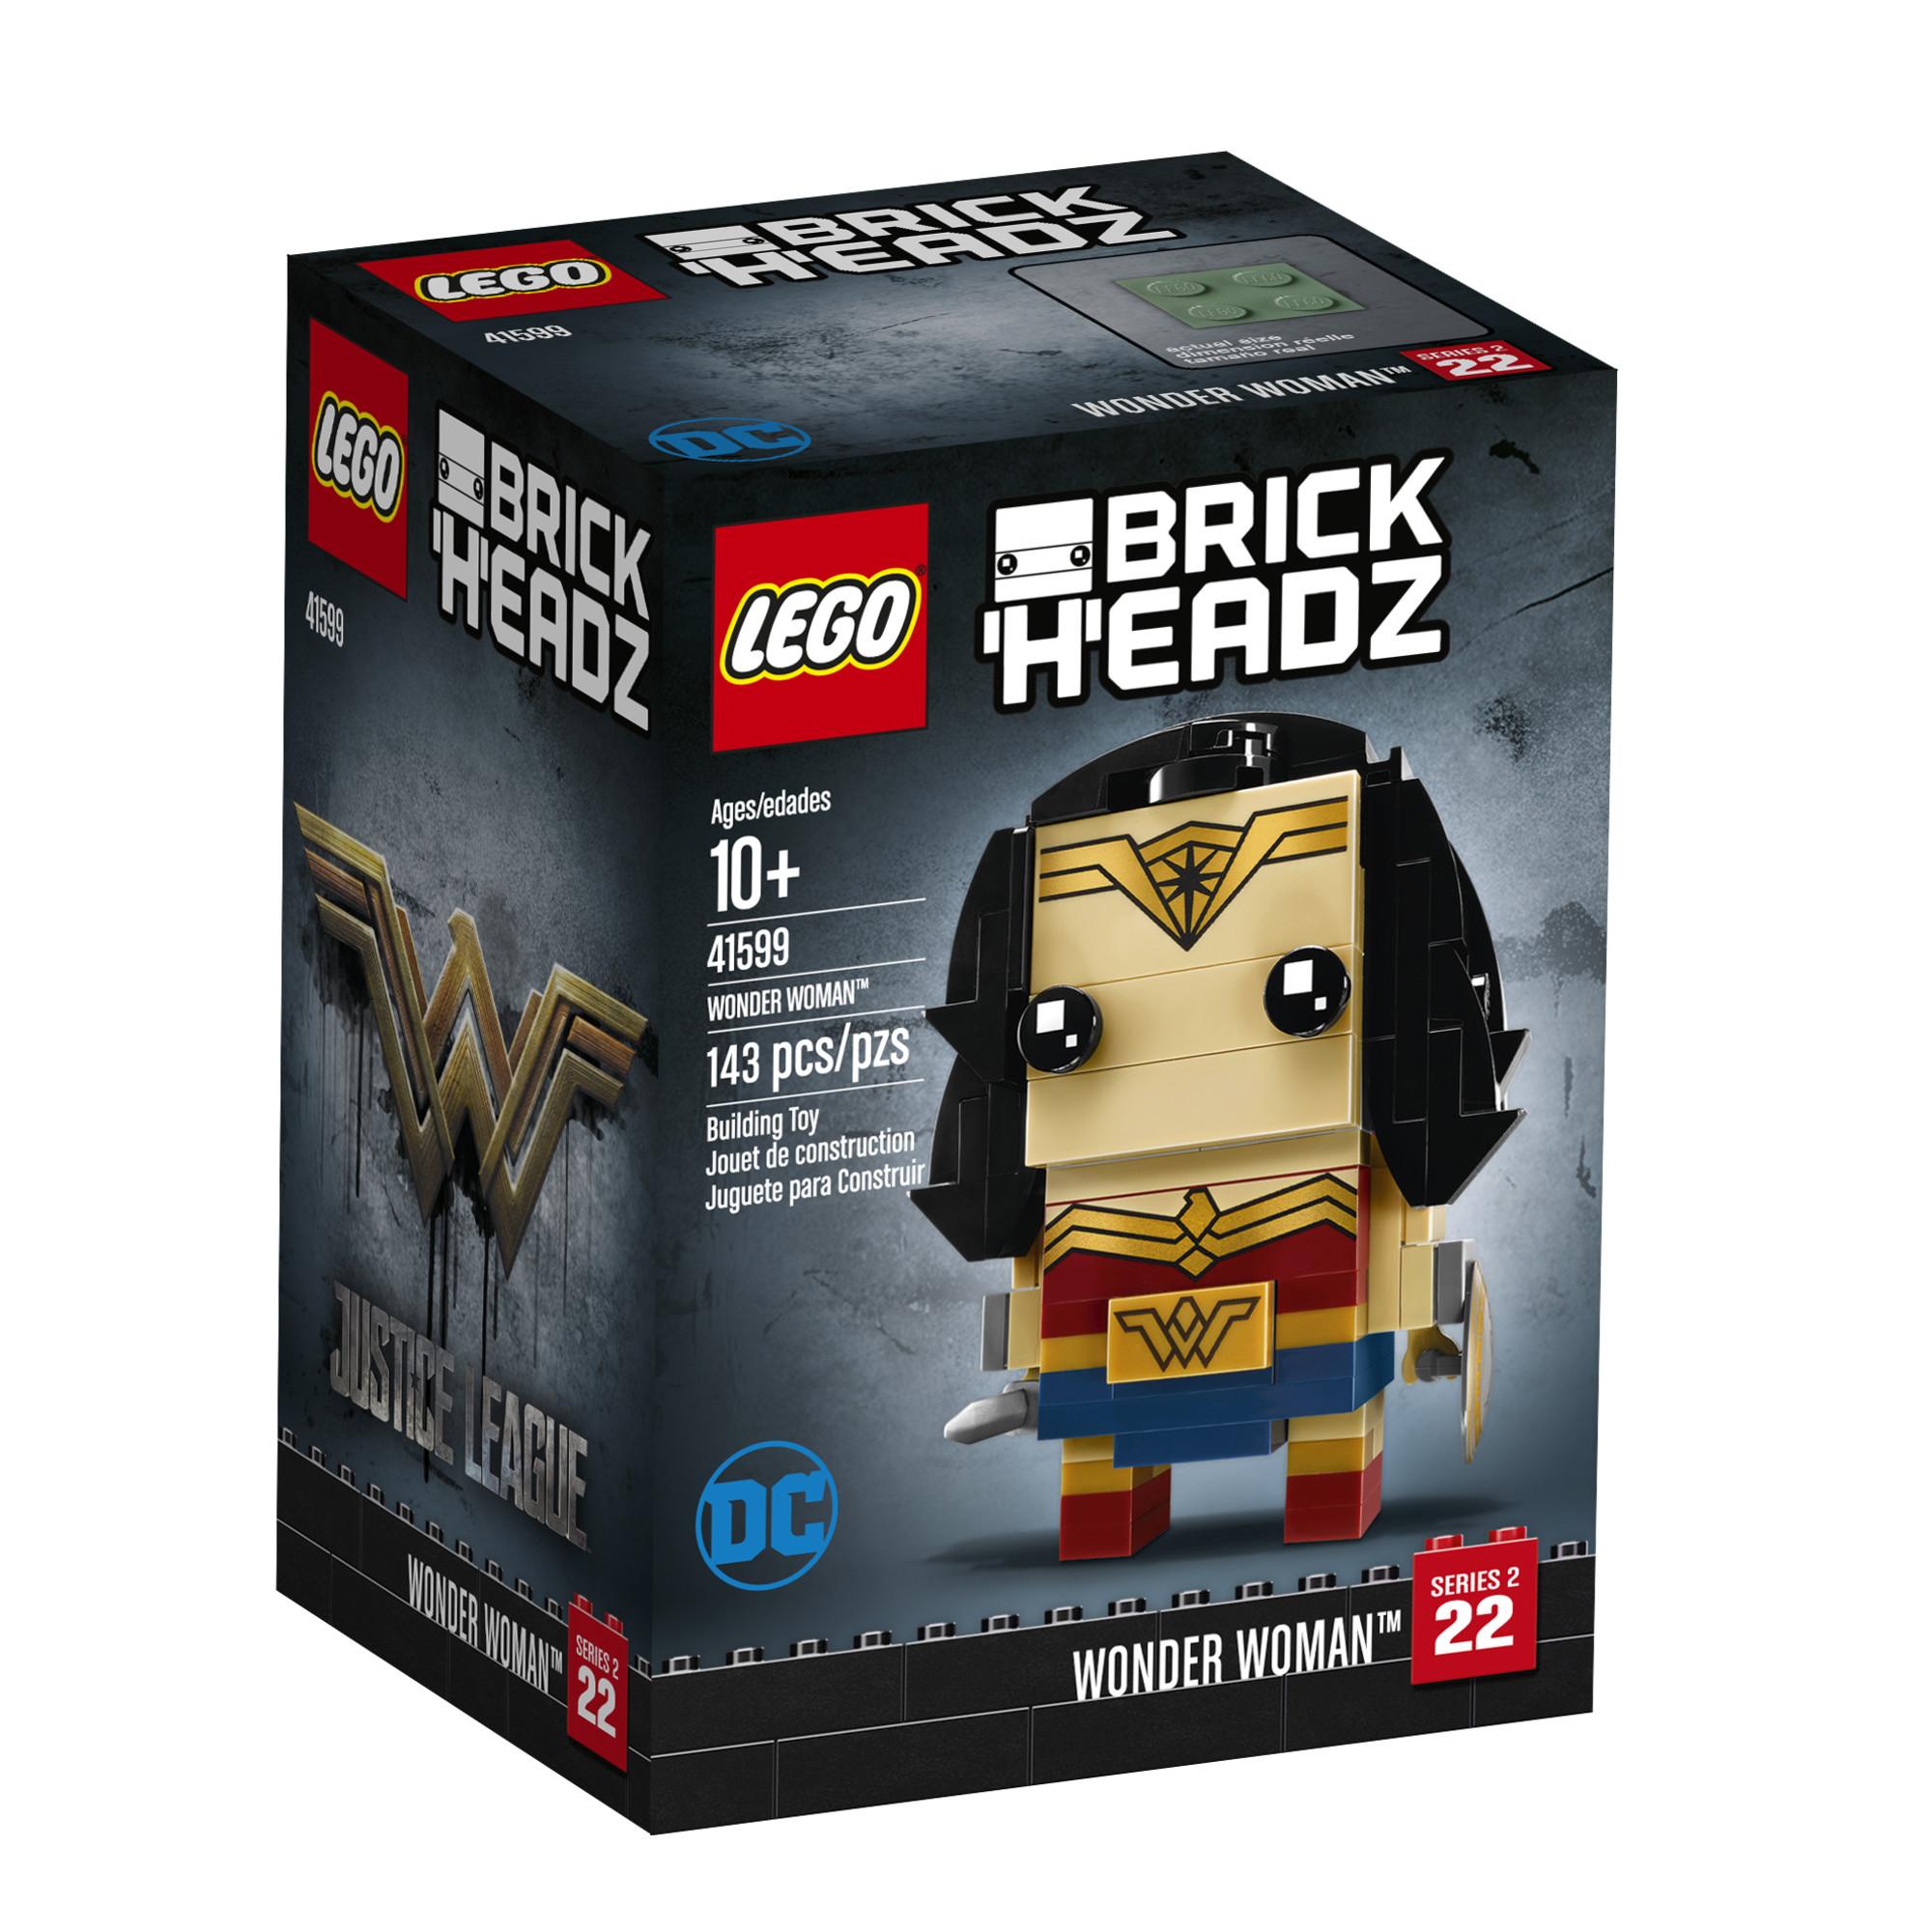 LEGO BrickHeadz Wonder Woman (41599)